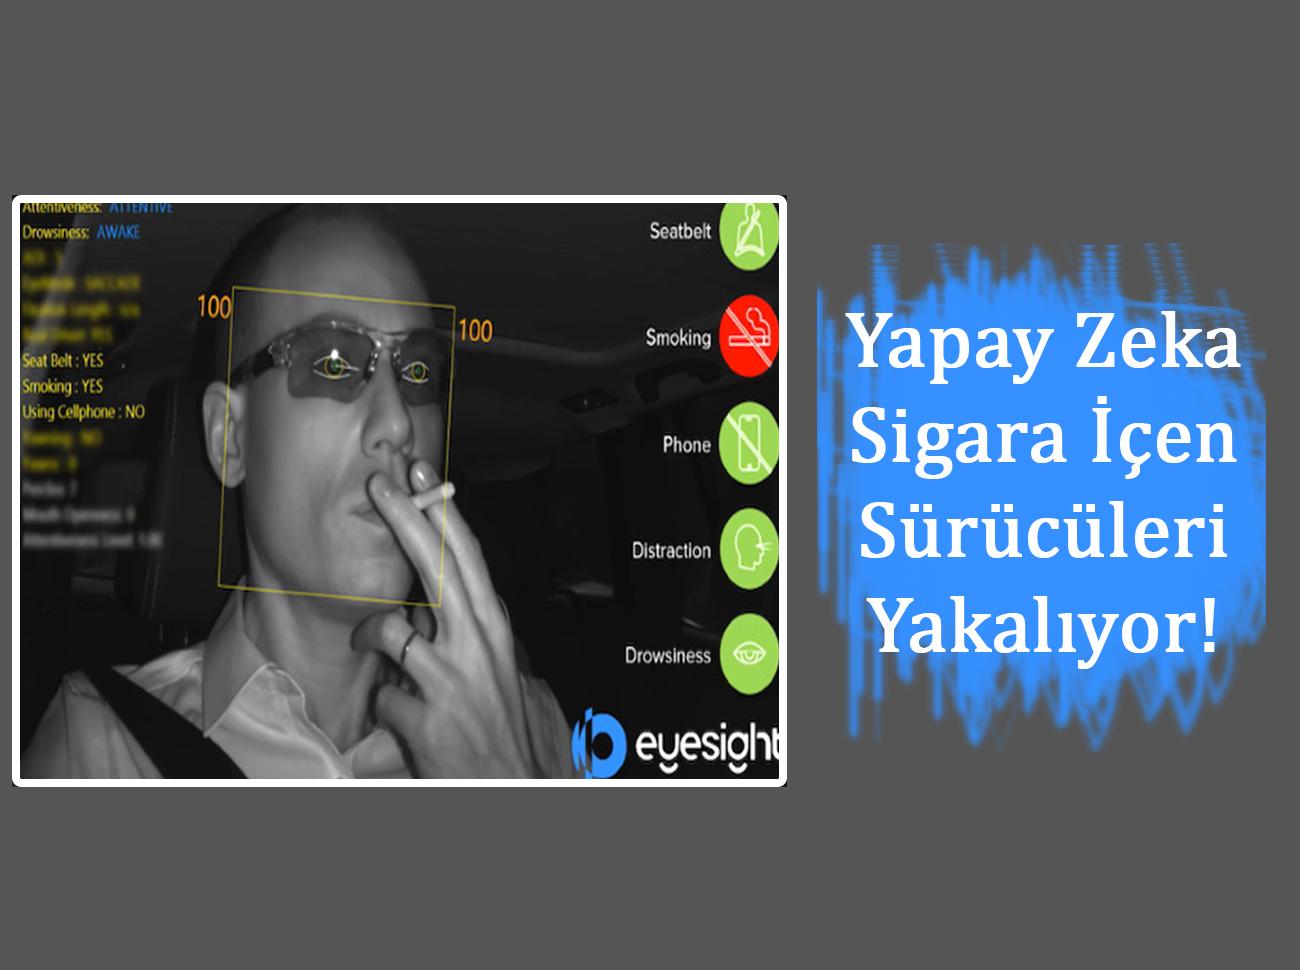 Eyesight Yapay Zekası Sigara İçen Sürücüyü Yakalıyor